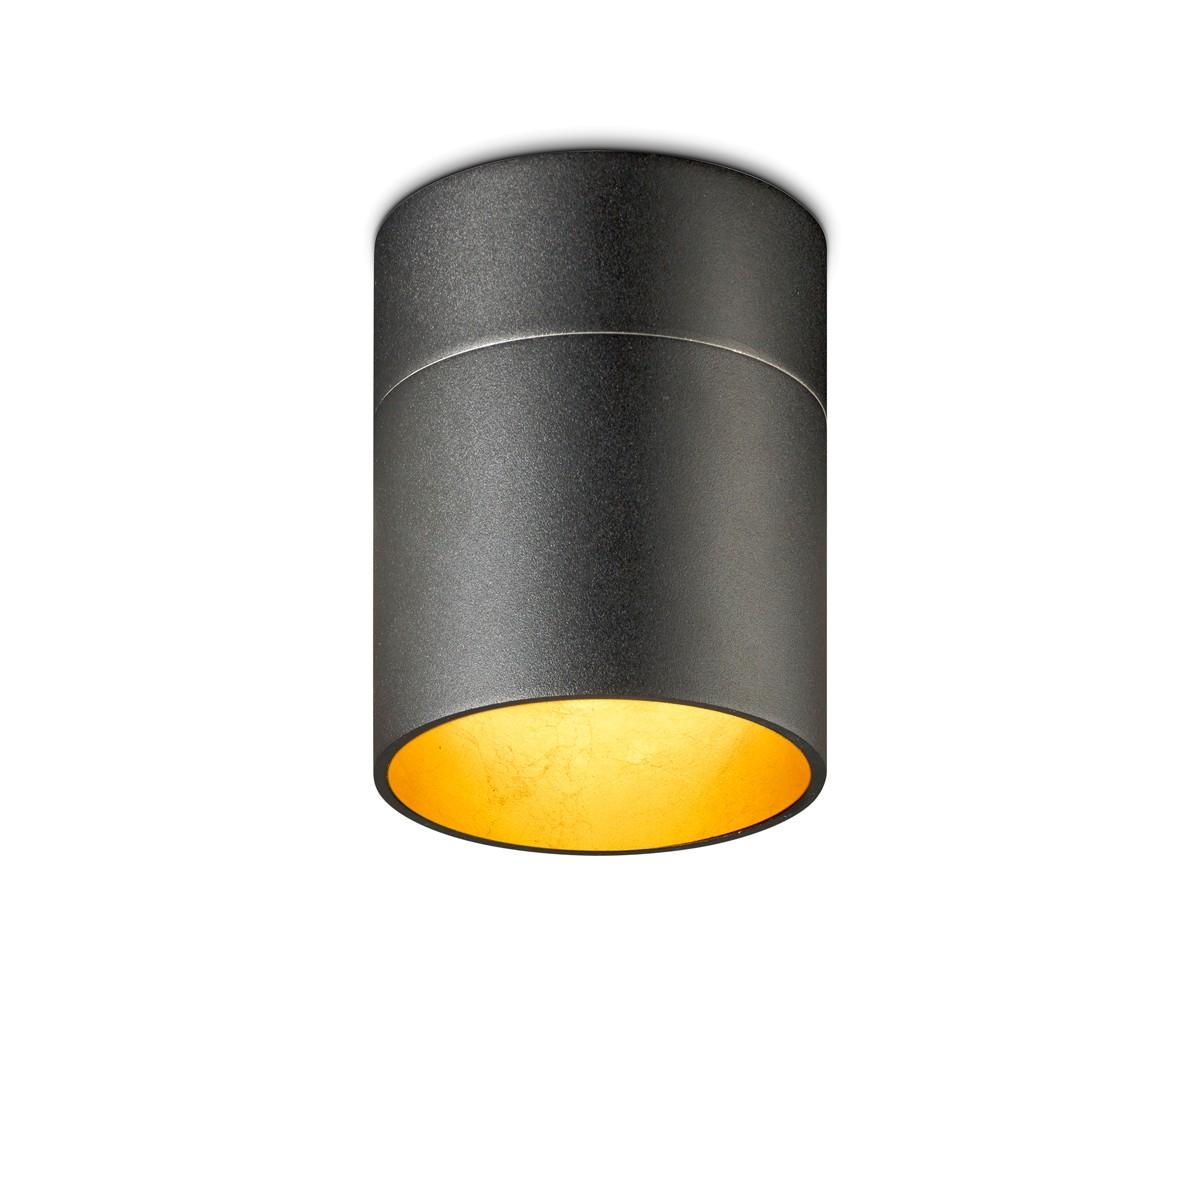 Oligo Tudor M Deckenleuchte, schwarz matt / Blattgold